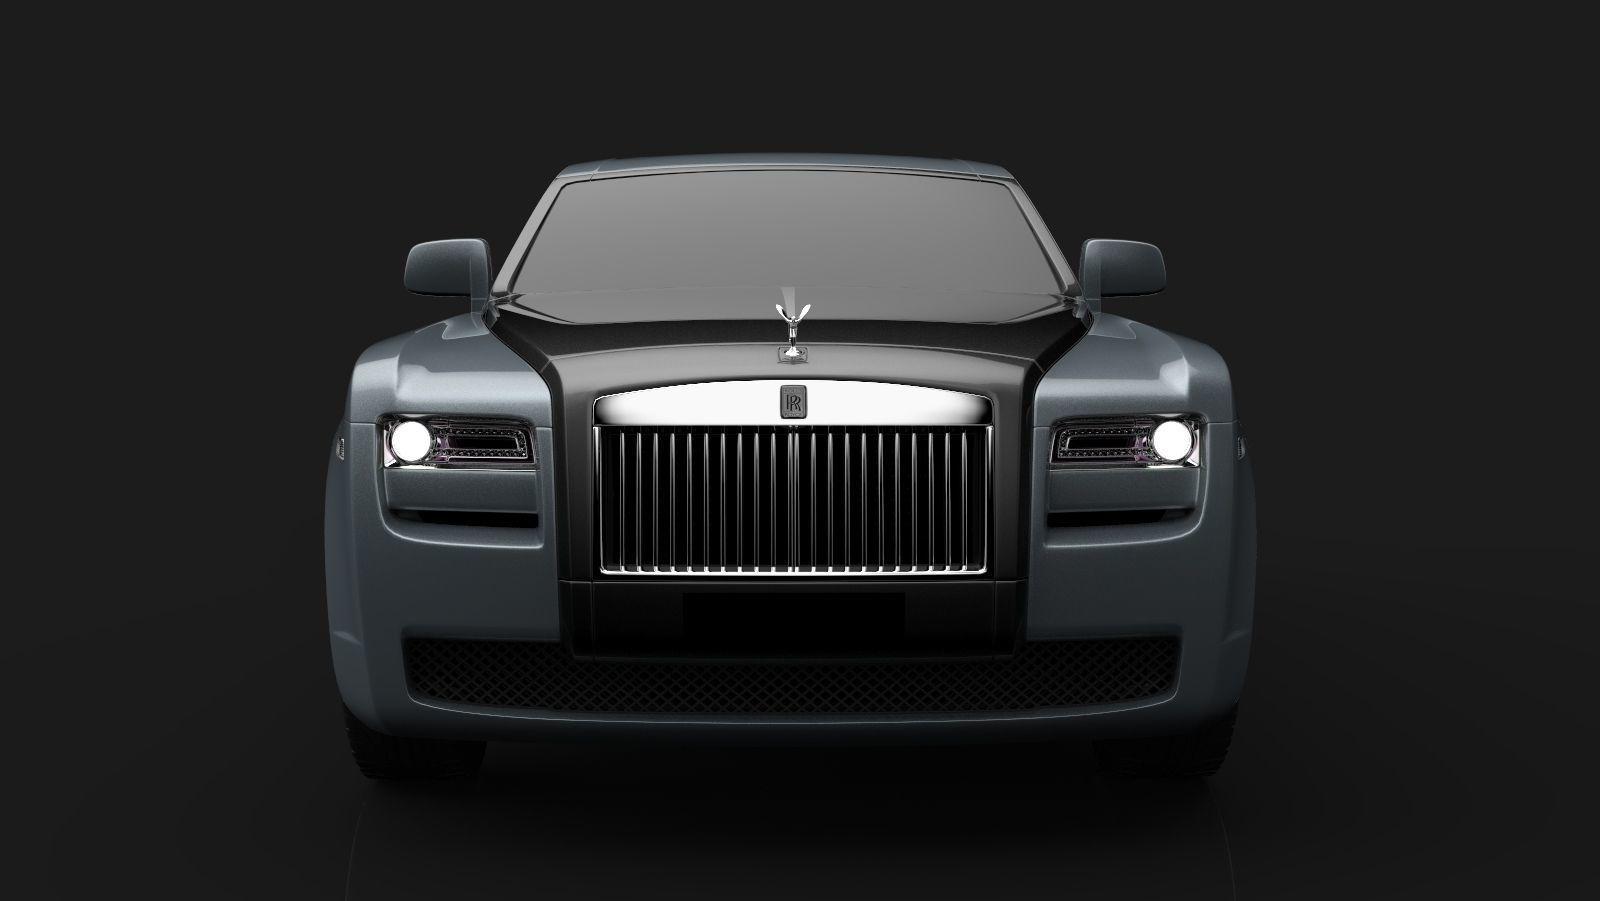 Rolls Royce Ghost Downloadfree3d Com